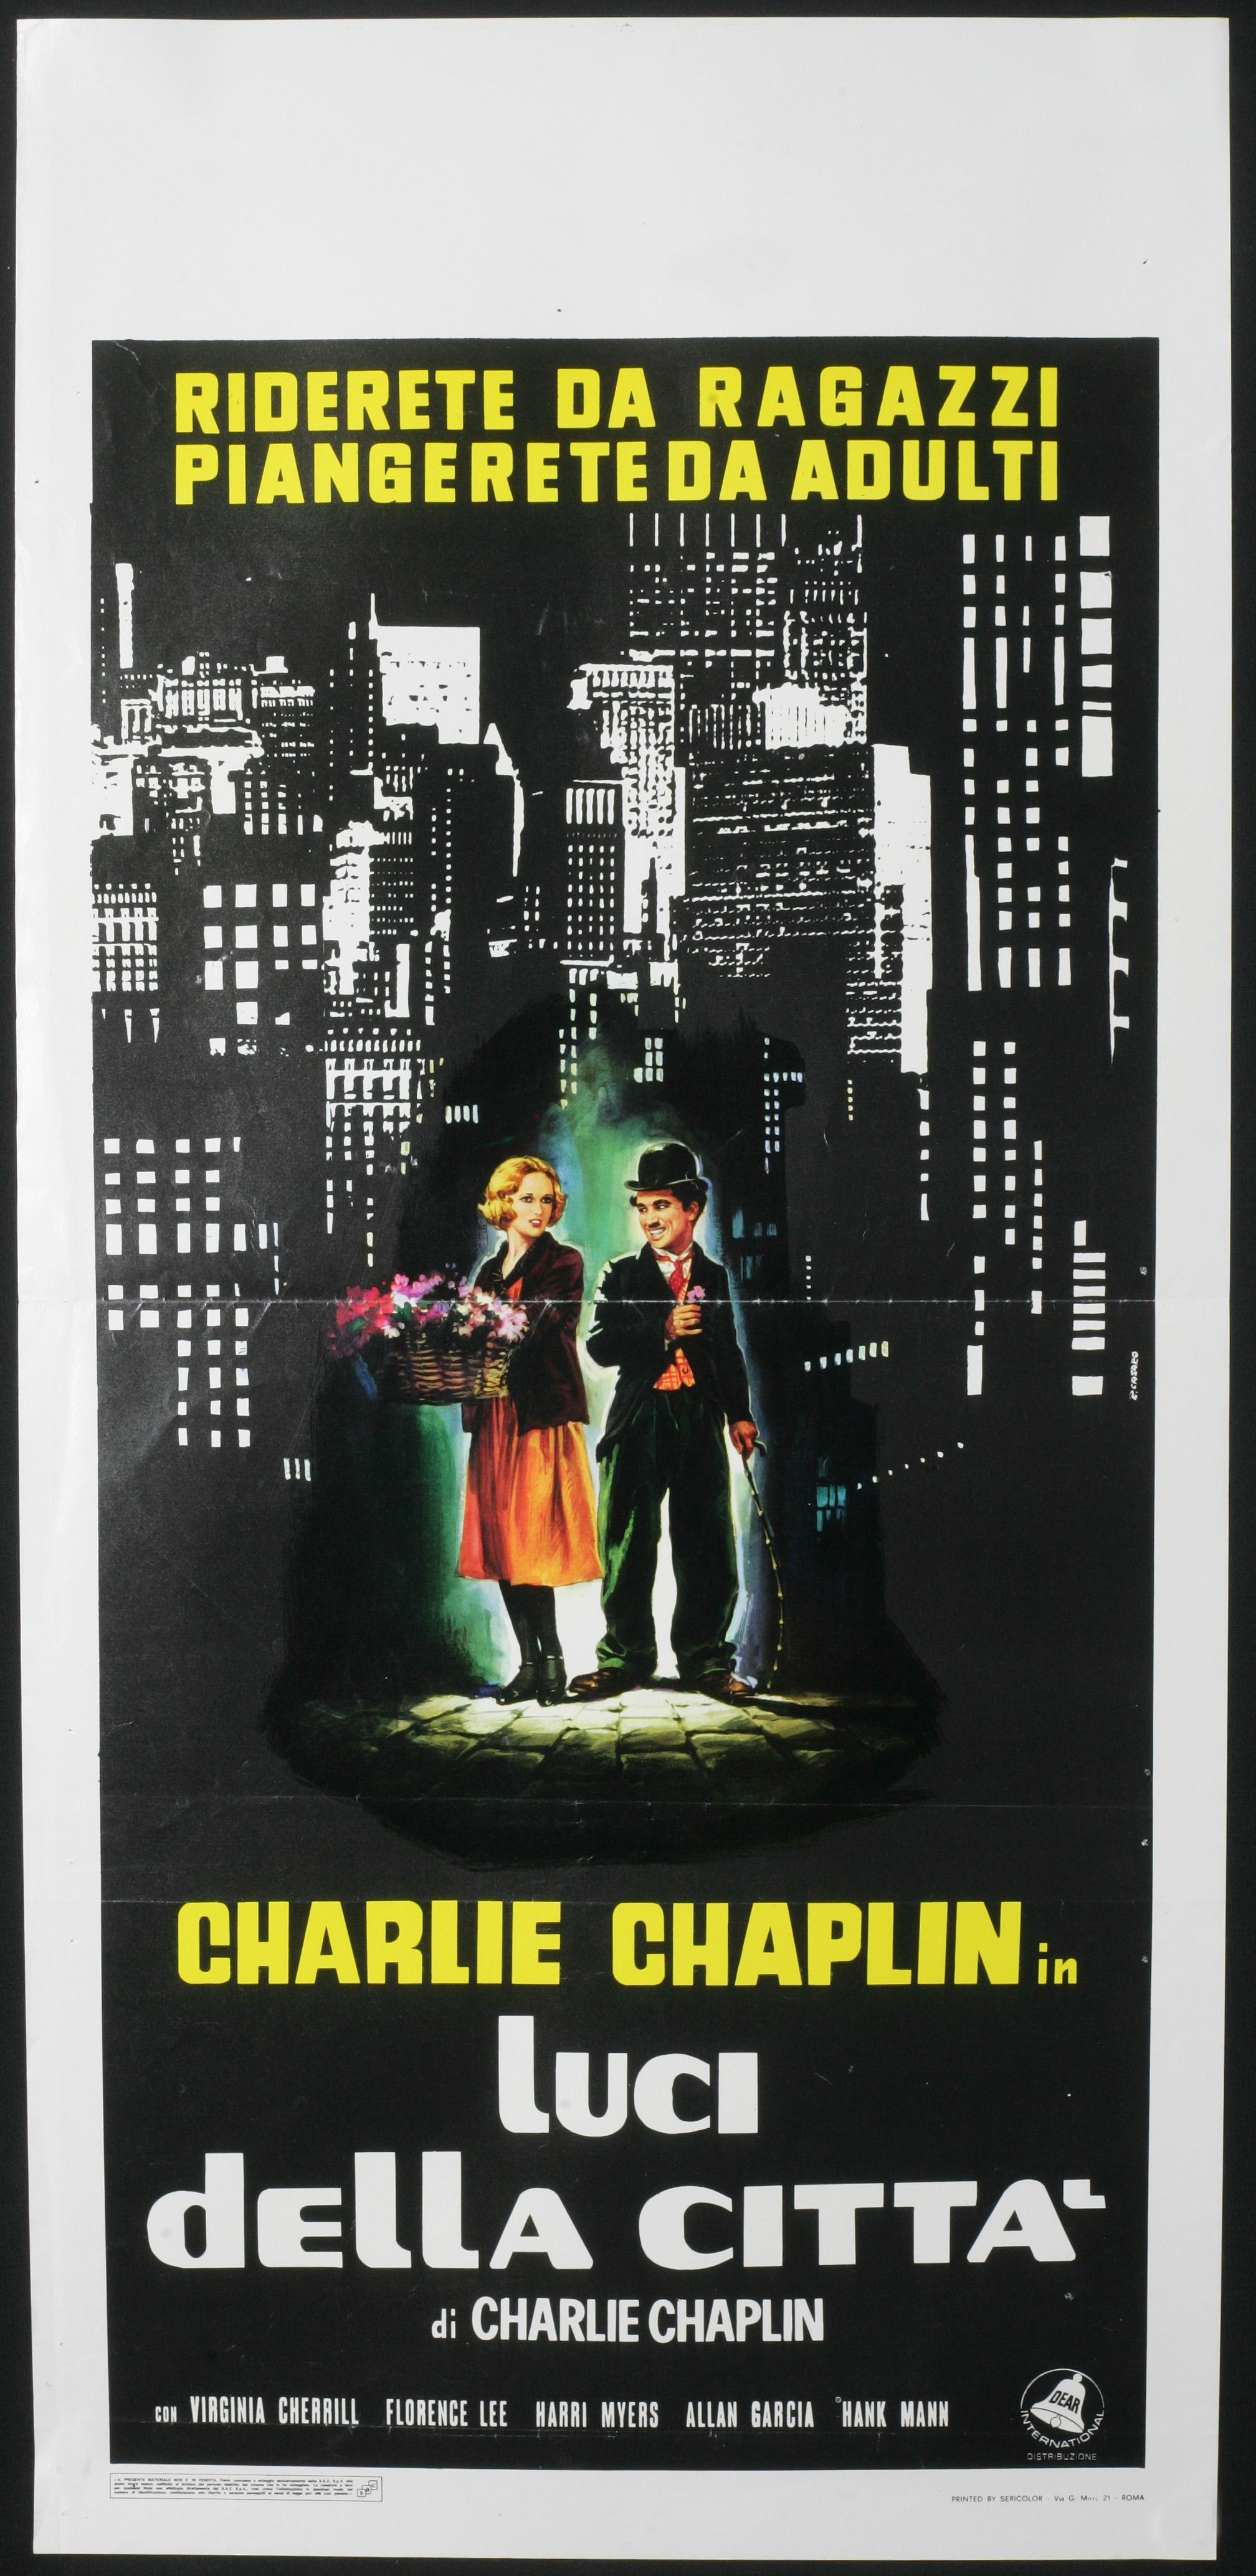 CINEMA-locandina LUCI DELLA CITTA' charlie chaplin | eBay